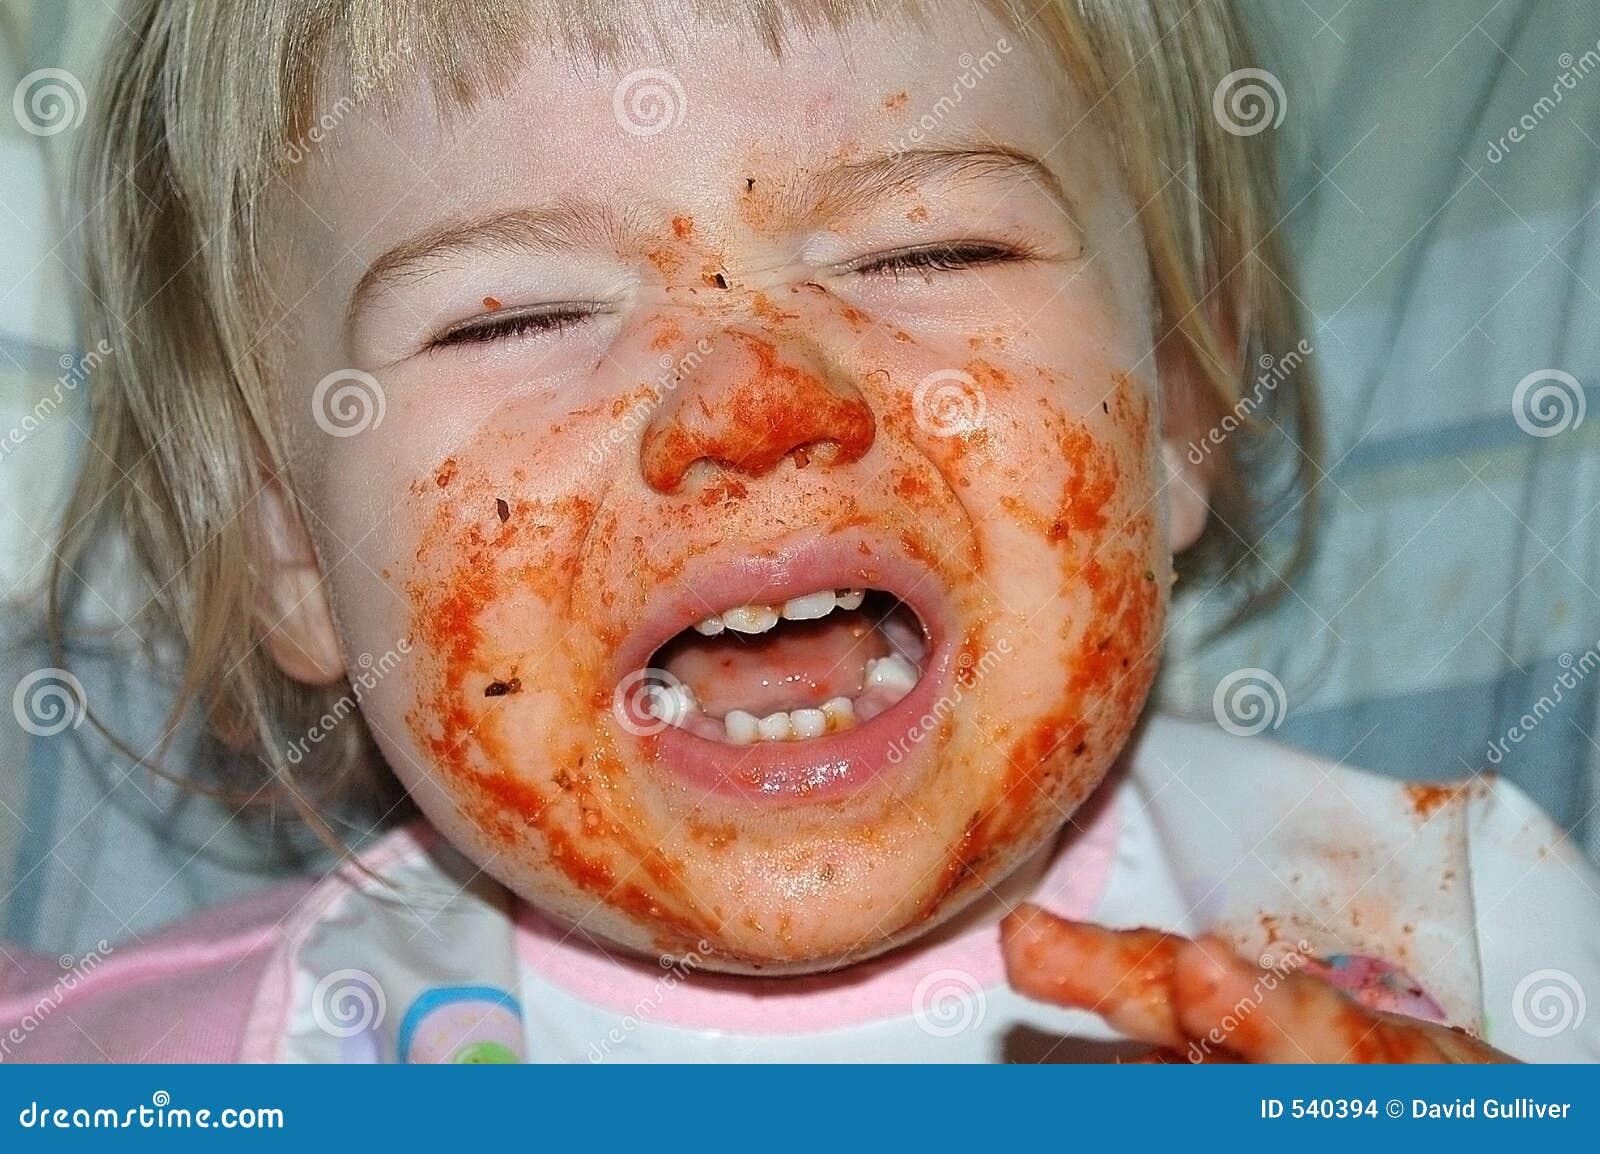 Download 事件意大利面食 库存照片. 图片 包括有 饥饿, 被证章的, 弄乱, 嗥叫, 尖叫, 乱丢, 混淆, 哀伤, 女性 - 540394